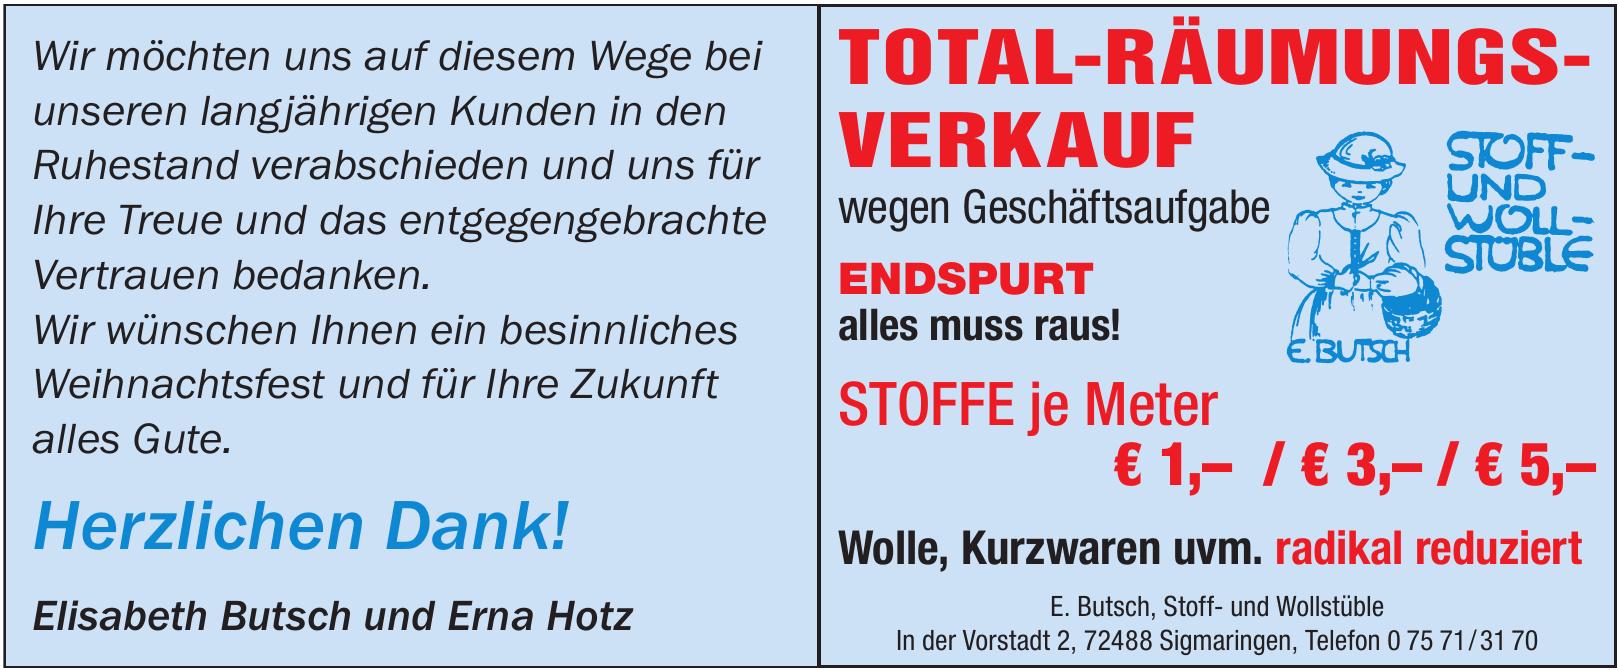 E. Butsch, Stoff- und Wollstüble